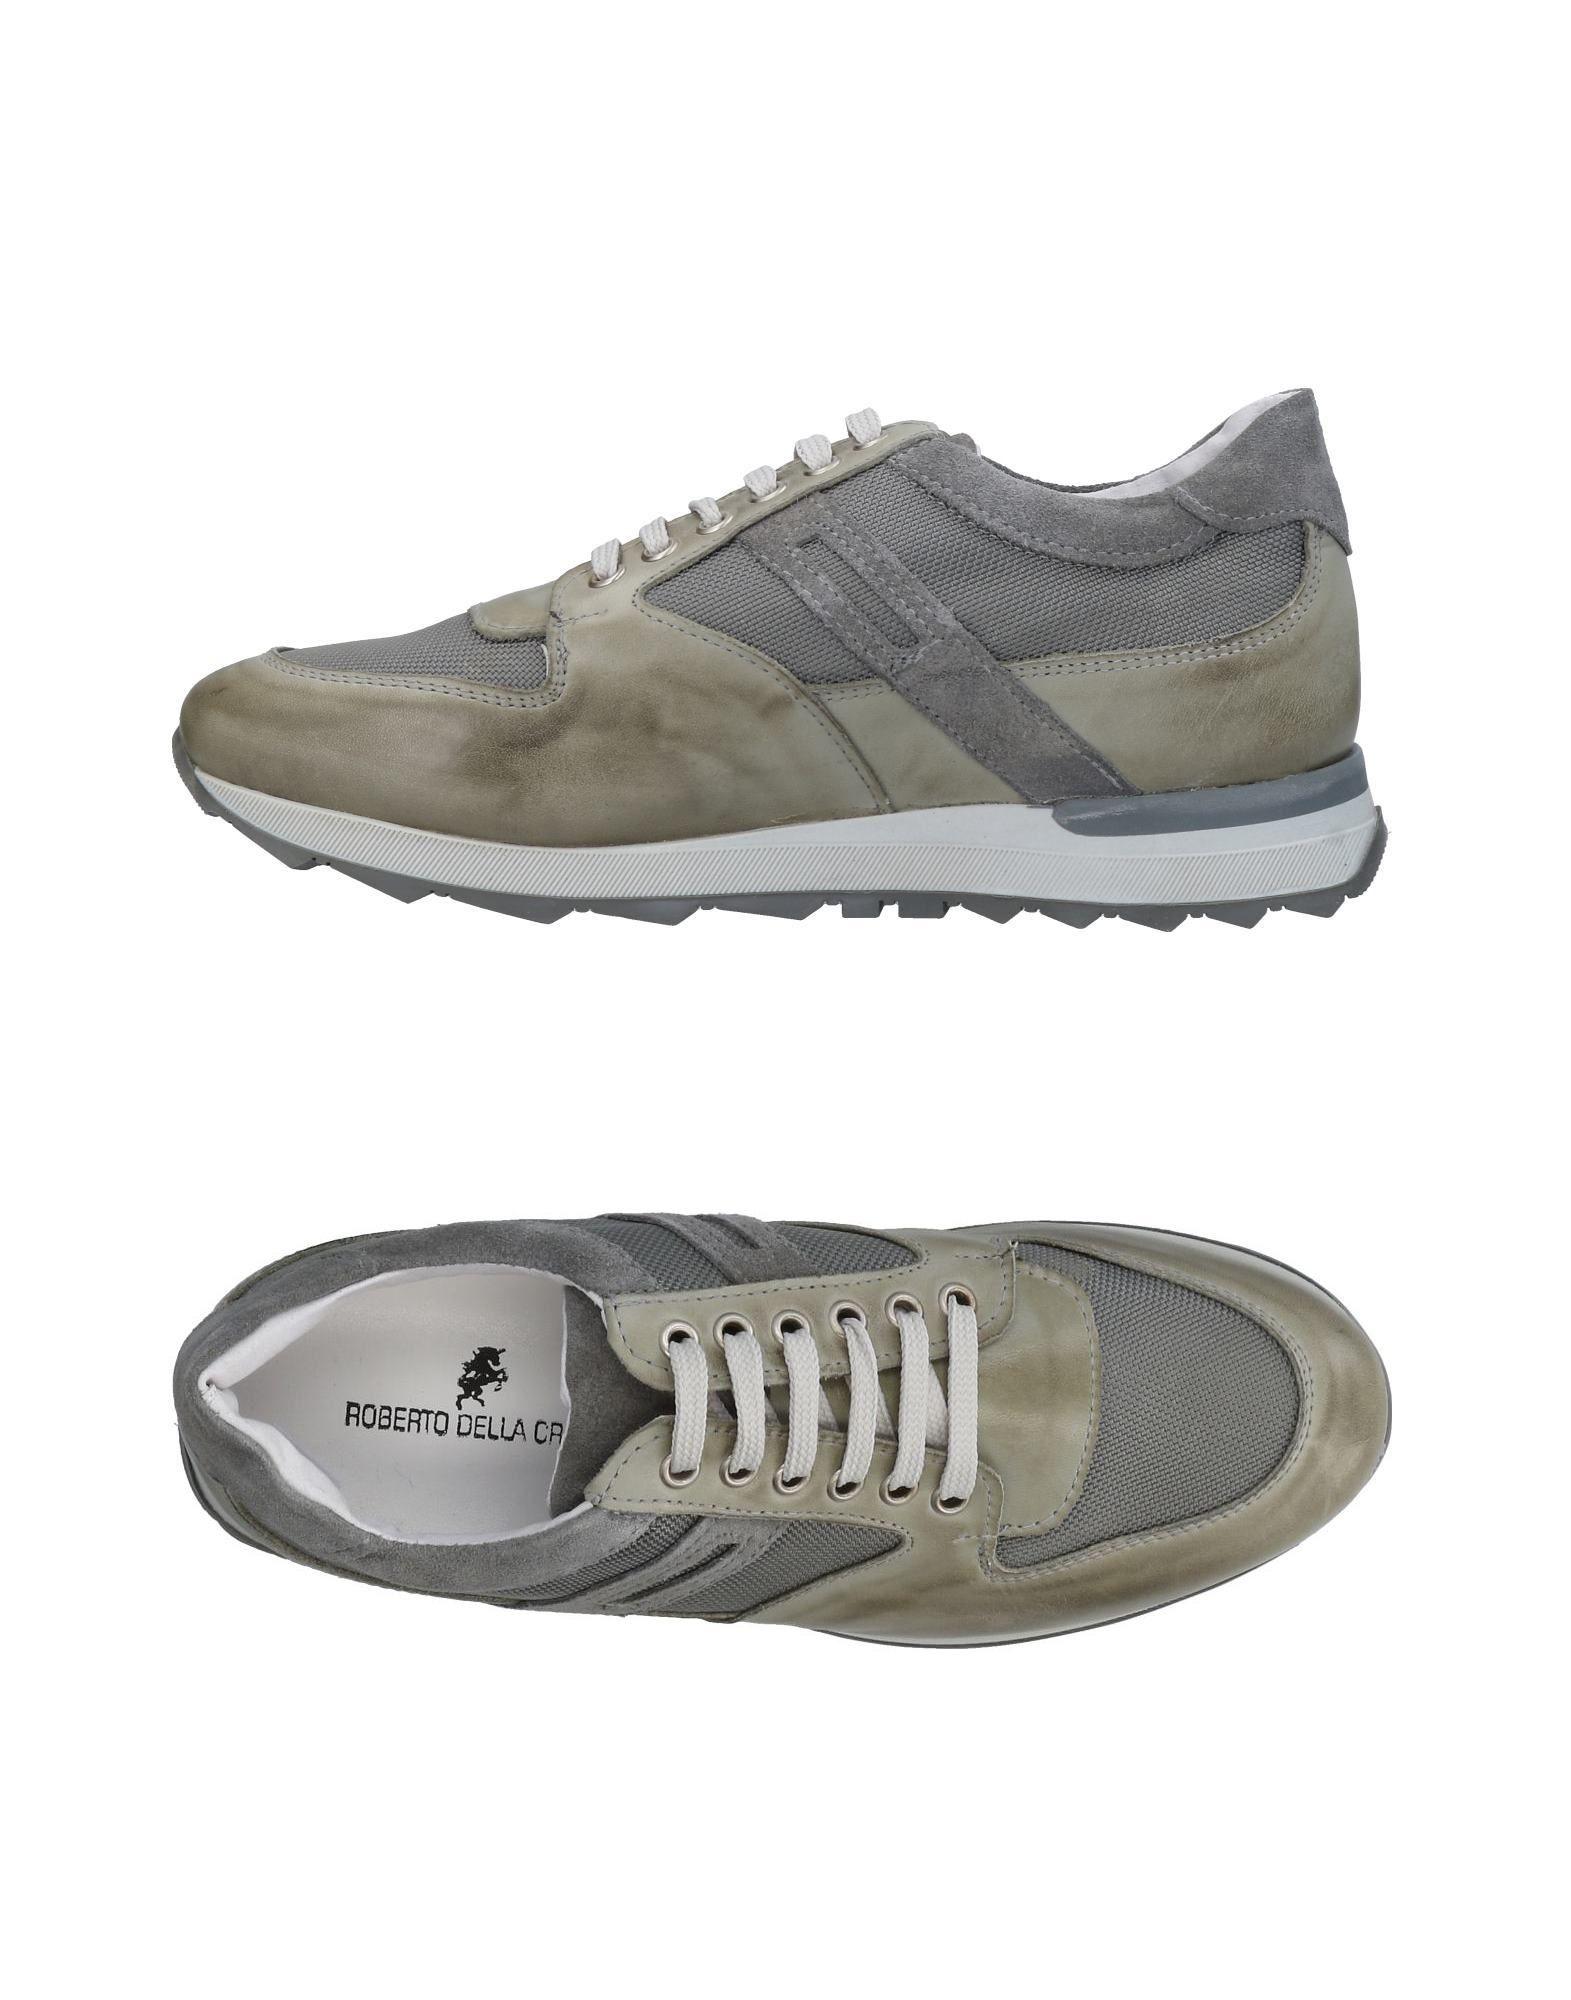 Roberto Della Croce Sneakers Herren  11443377LG Neue Schuhe